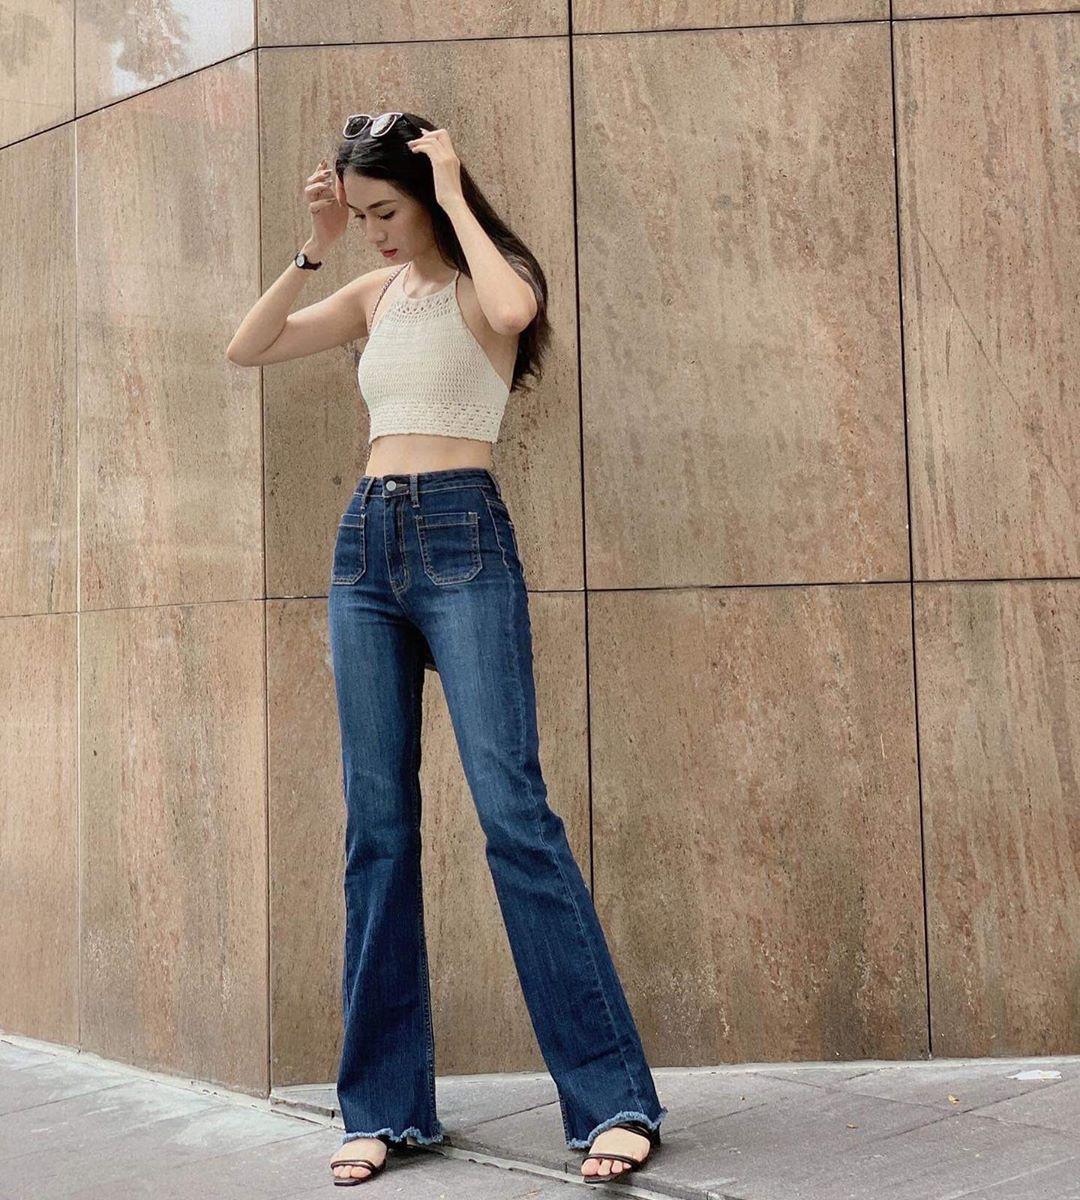 Mùa thu diện quần jeans ống loe chanh sả biết mấy, lại hack chân dài không tậu hơi phí - Ảnh 3.